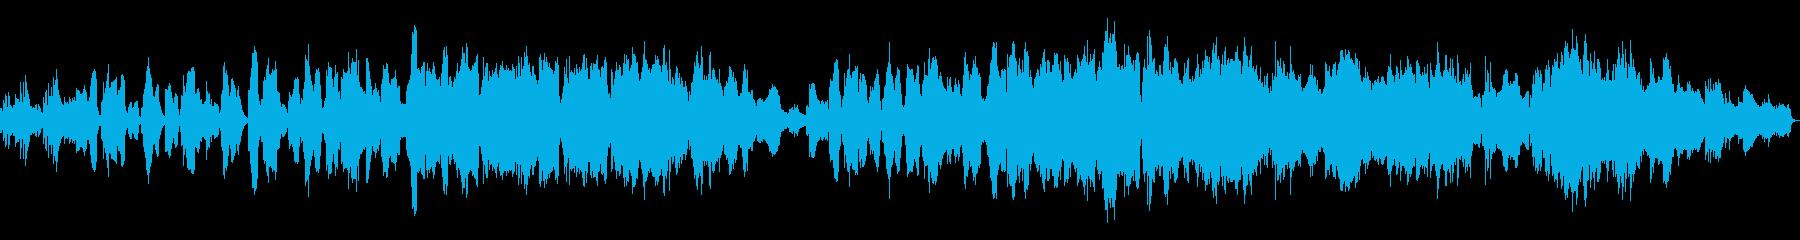 クラリネットが印象的な悲しいバラードの再生済みの波形